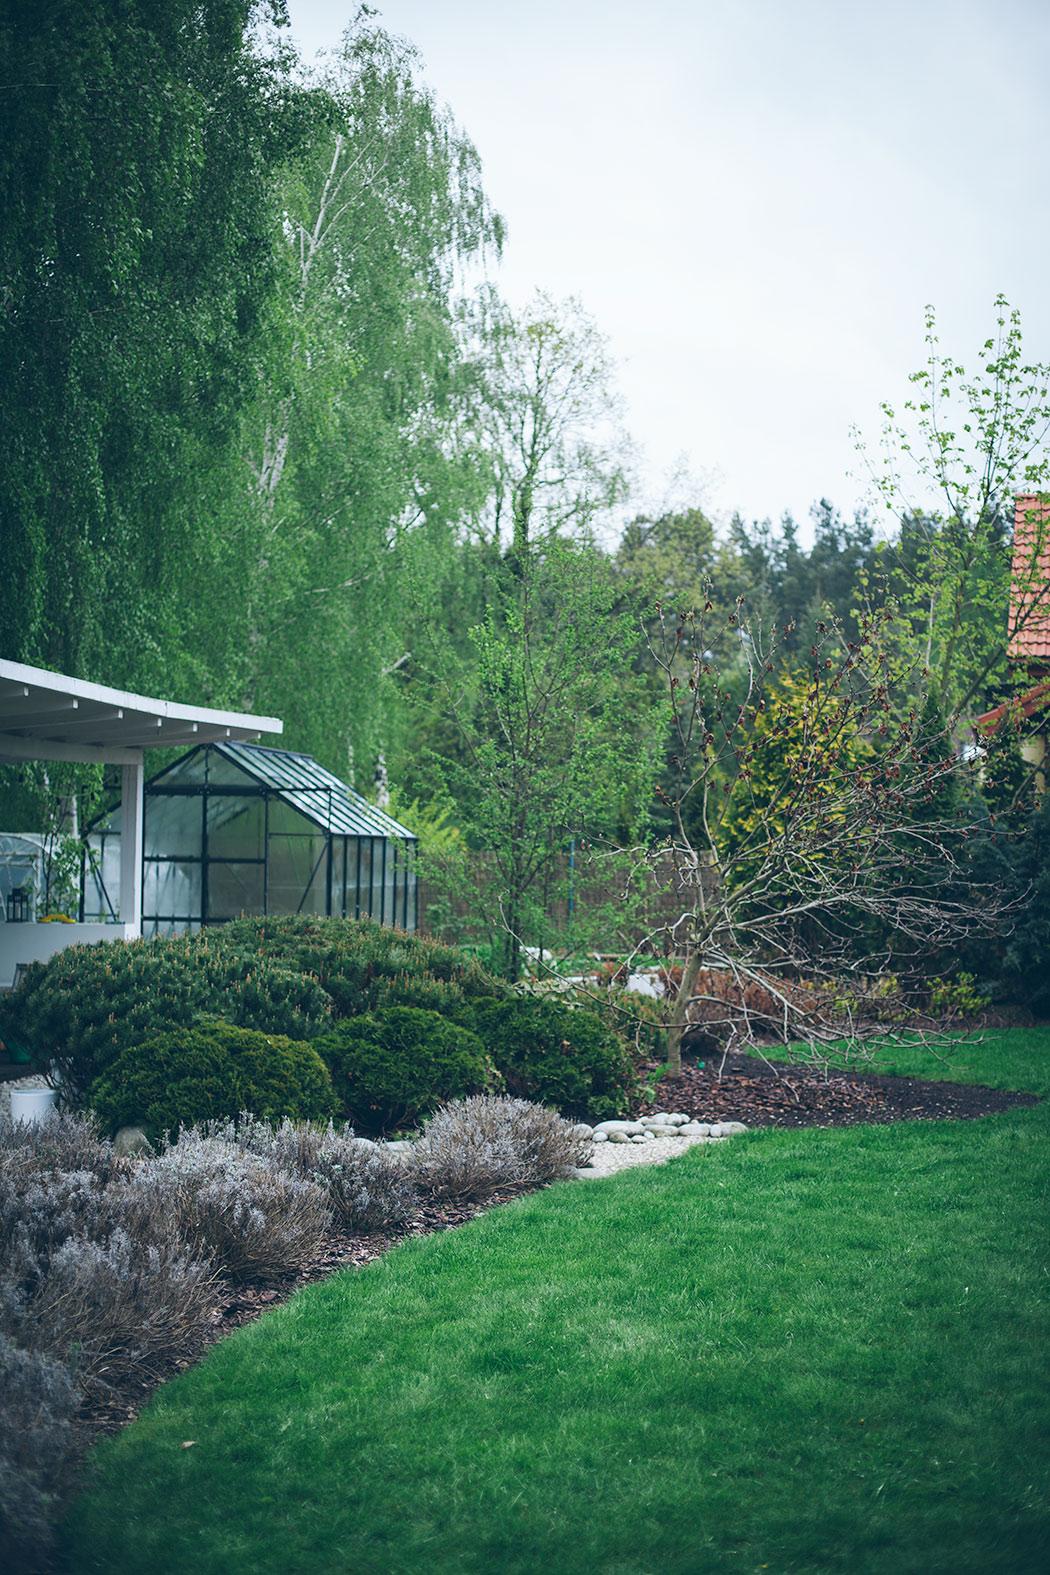 widok na szkalrnie, ogrod w kwietniu